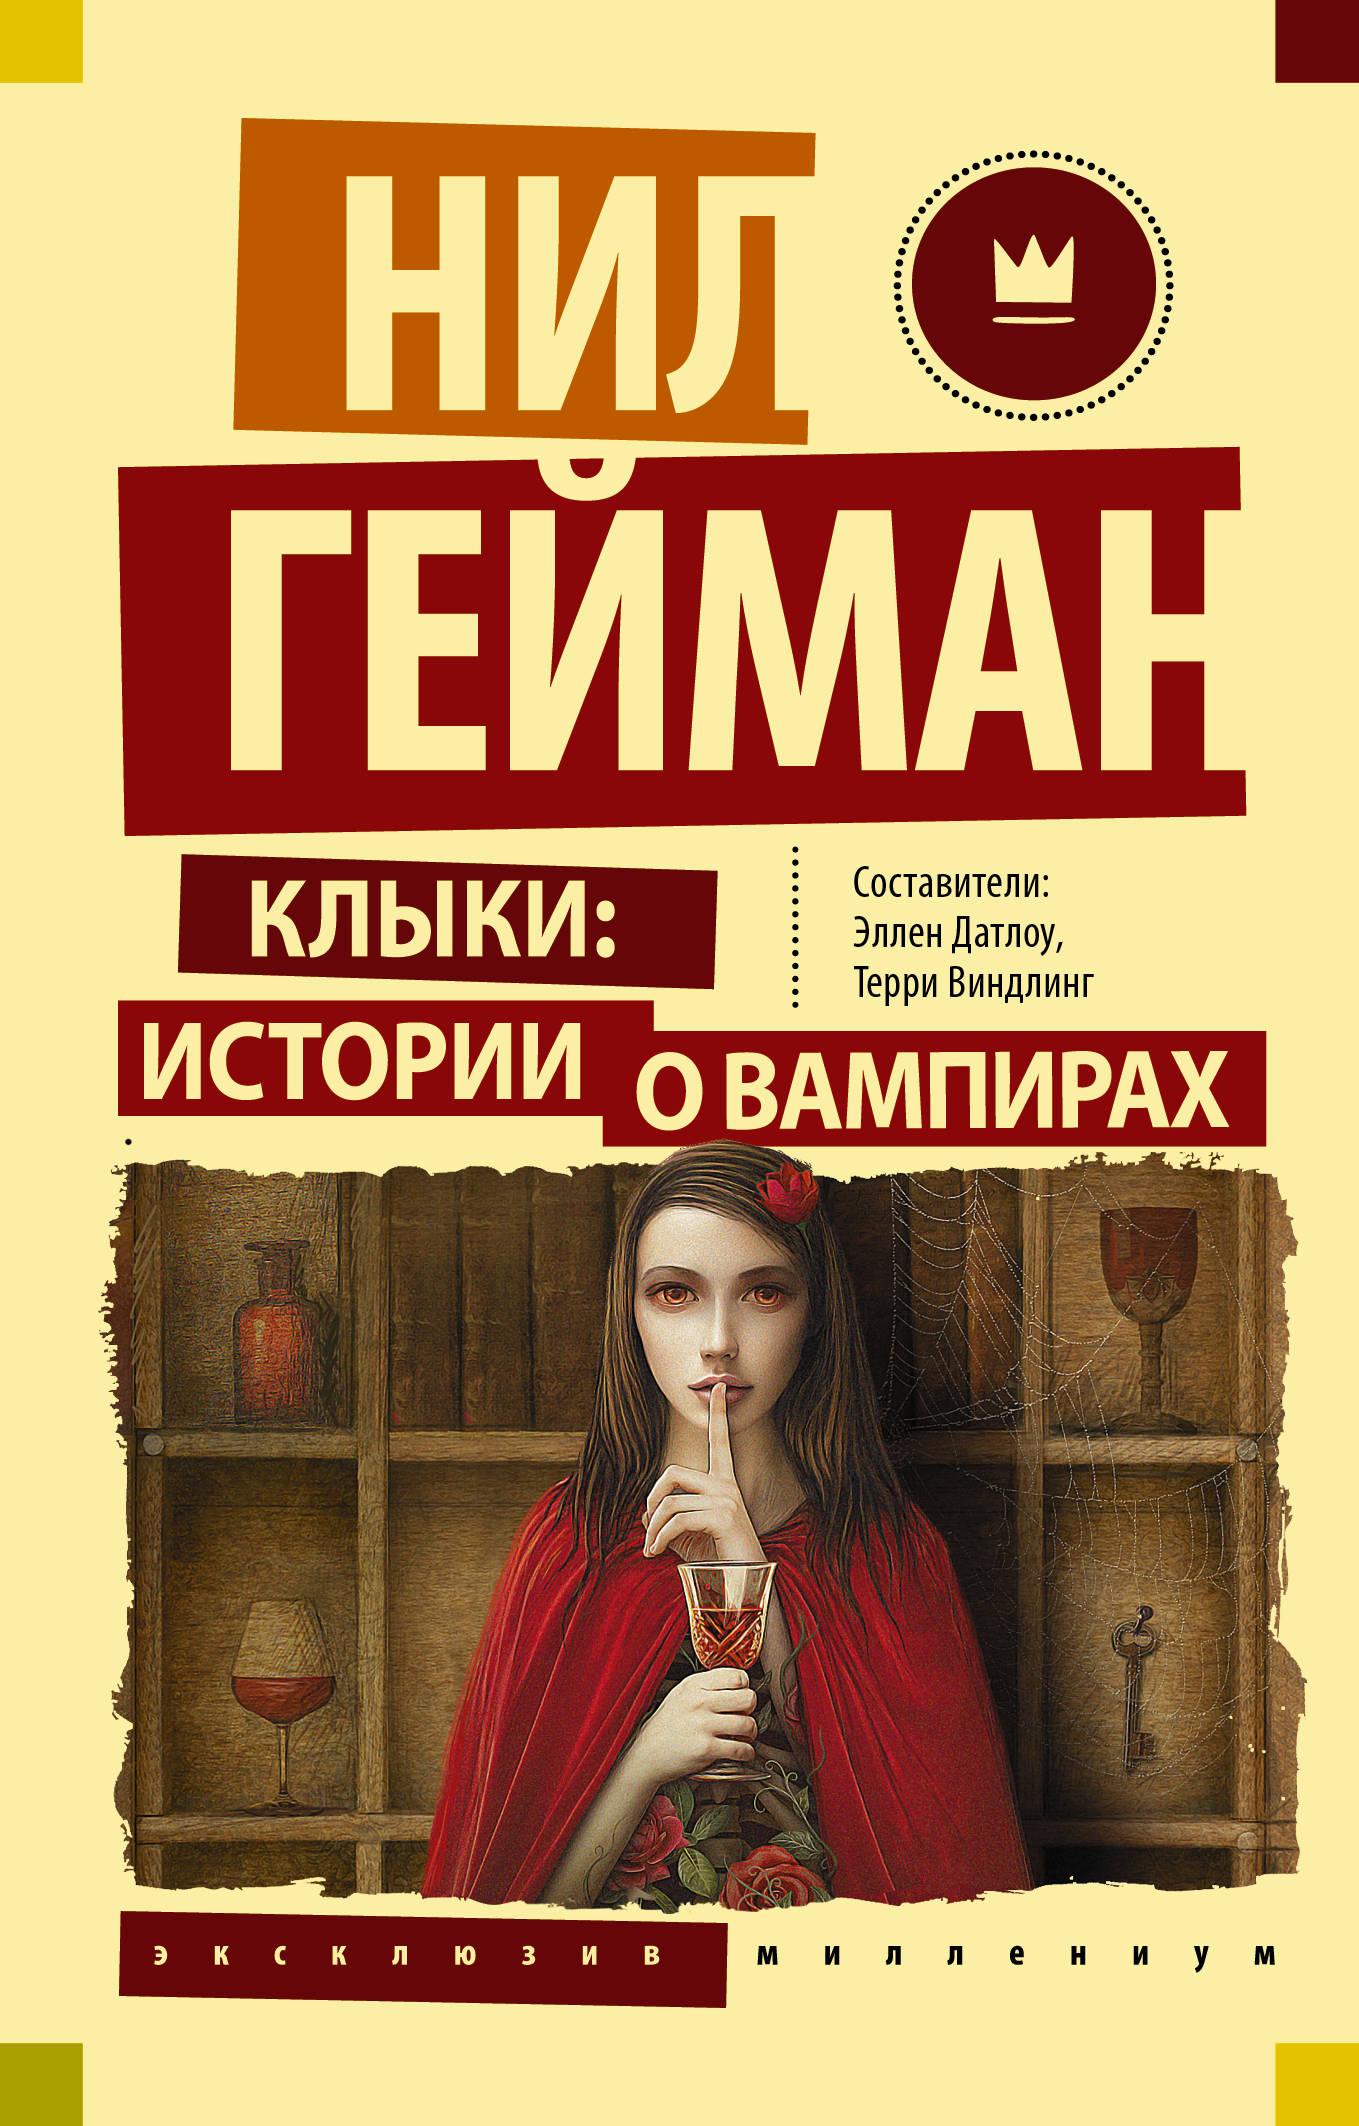 Клыки: истории о вампирах: Антология